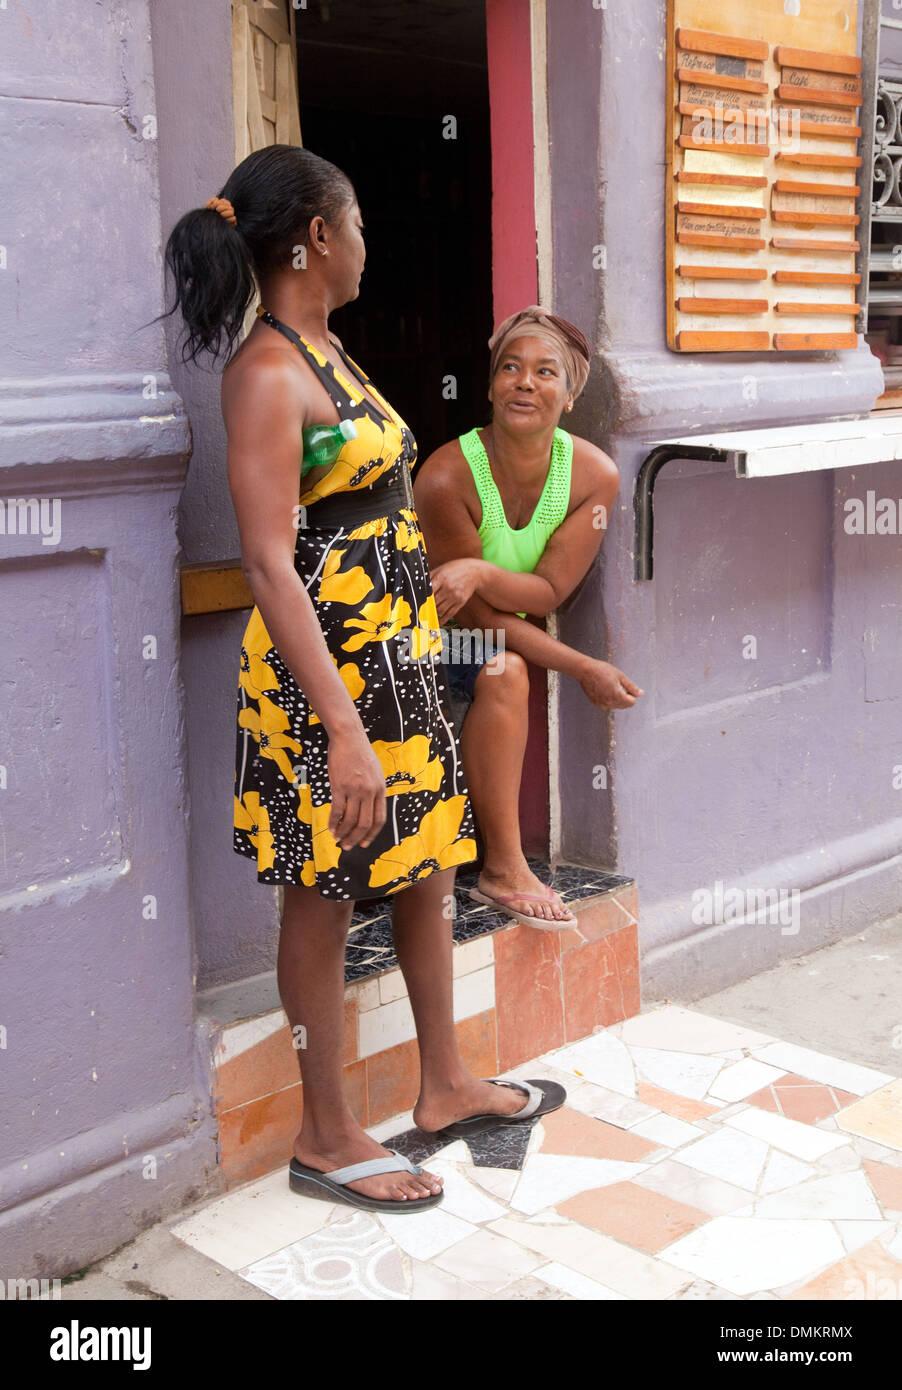 Mature cuban women